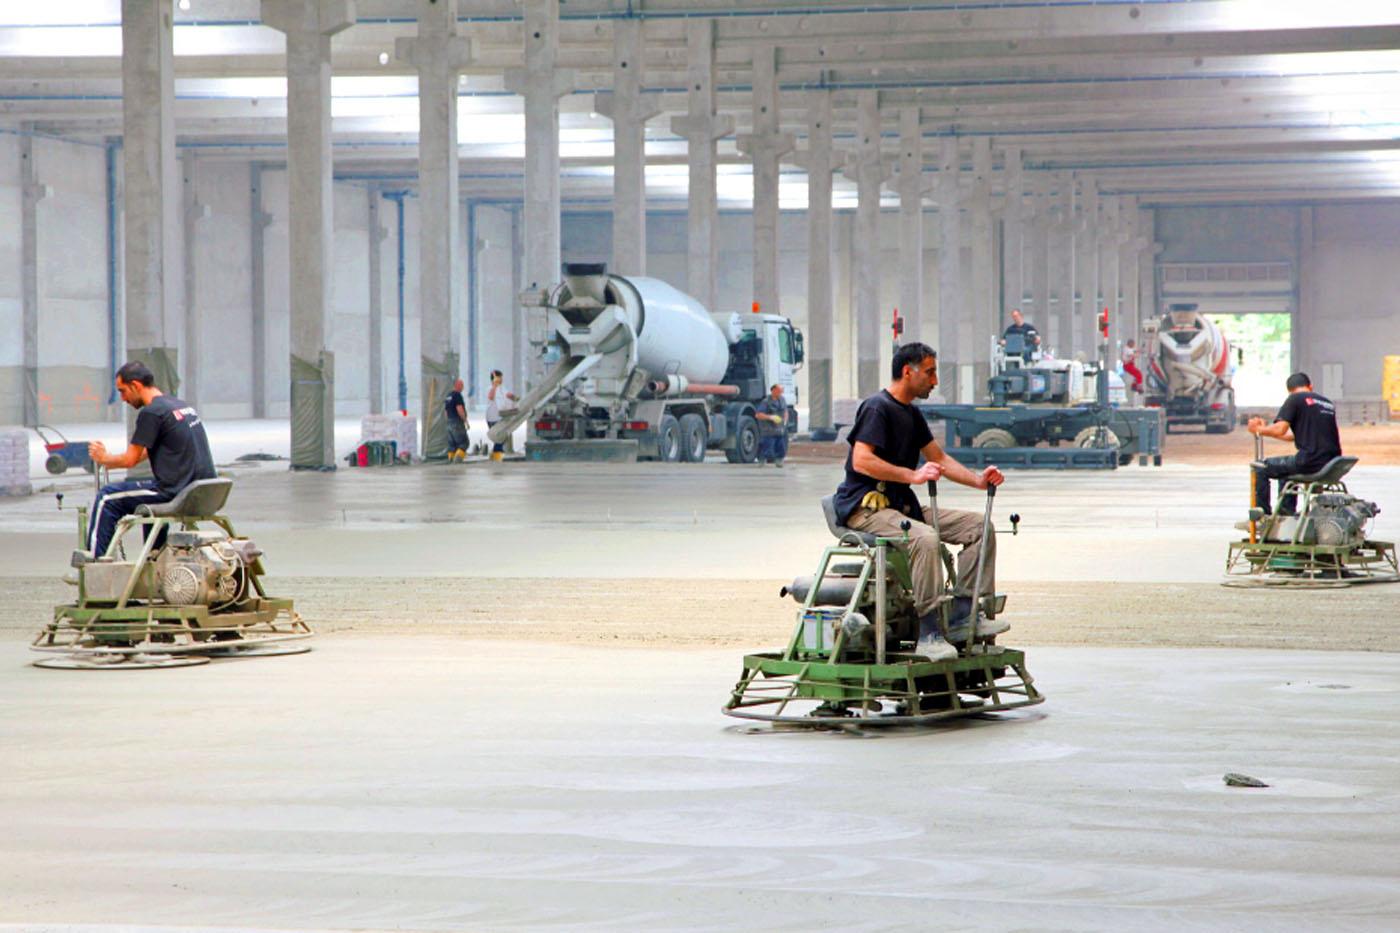 Hervorragend Betonboden & Industrieestrich | Industrieboden Beton WIEGRINK® MK54